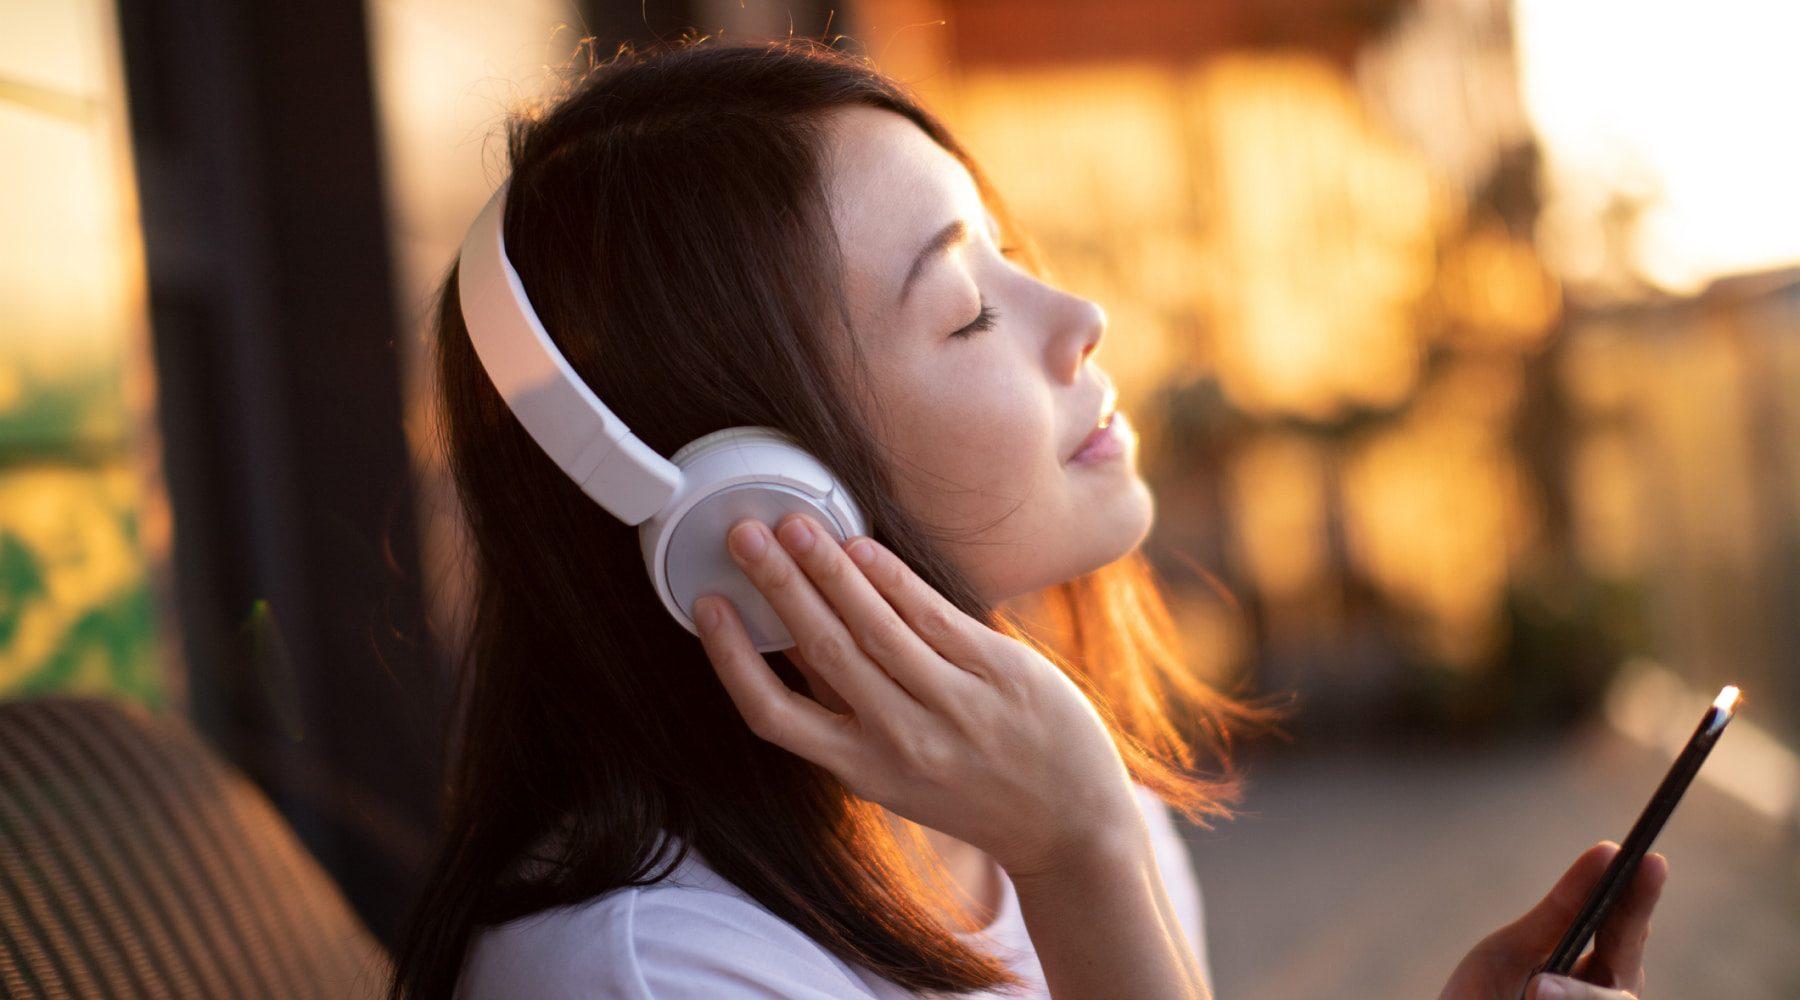 Best speaker and headphone deals